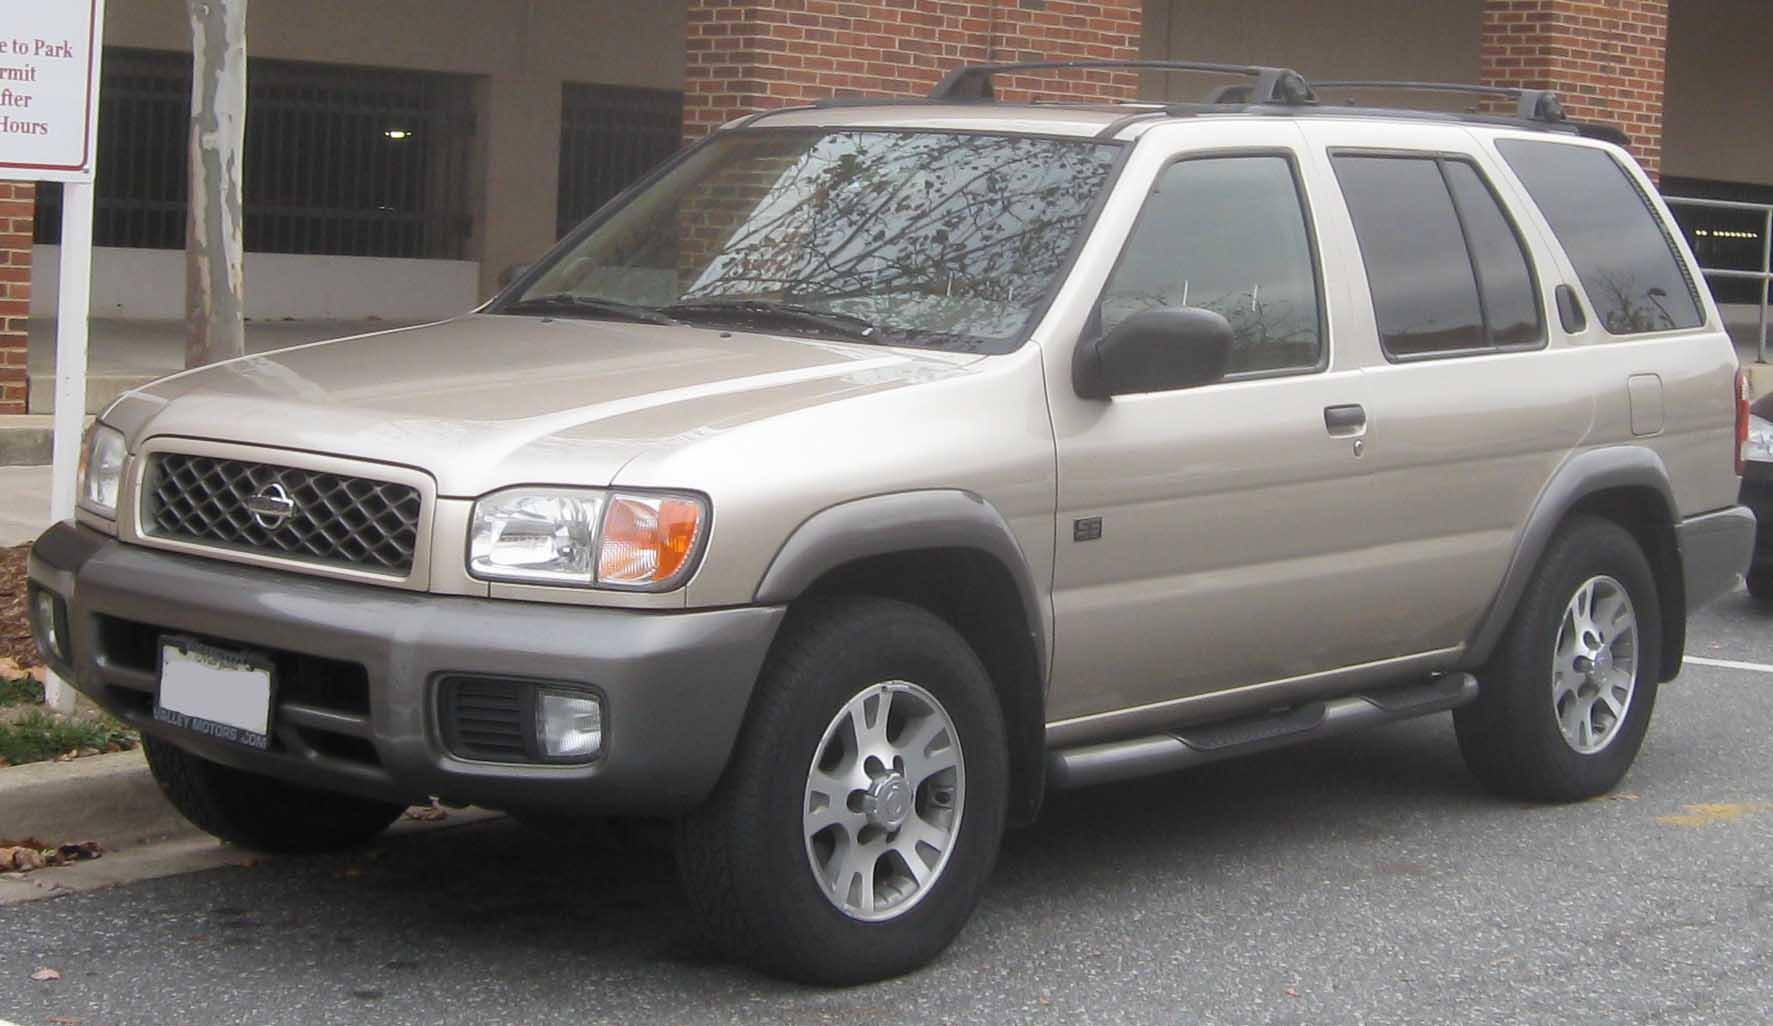 2001 nissan pathfinder 19 nissan pathfinder 19